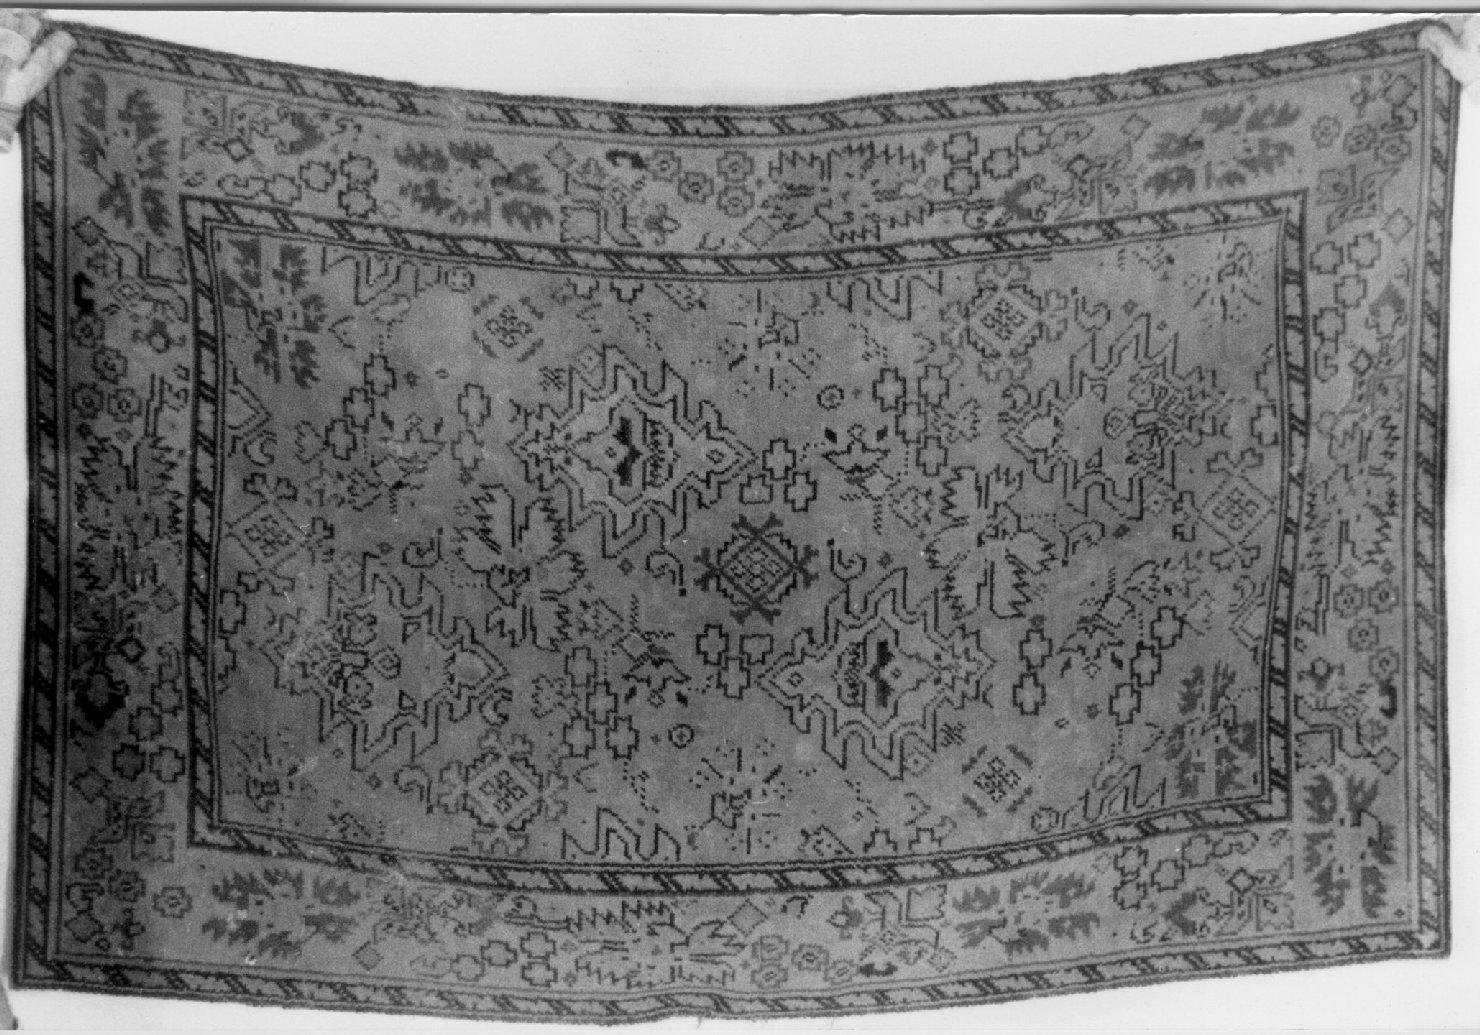 tappeto, opera isolata - ambito Italia settentrionale (seconda metà sec. XIX)